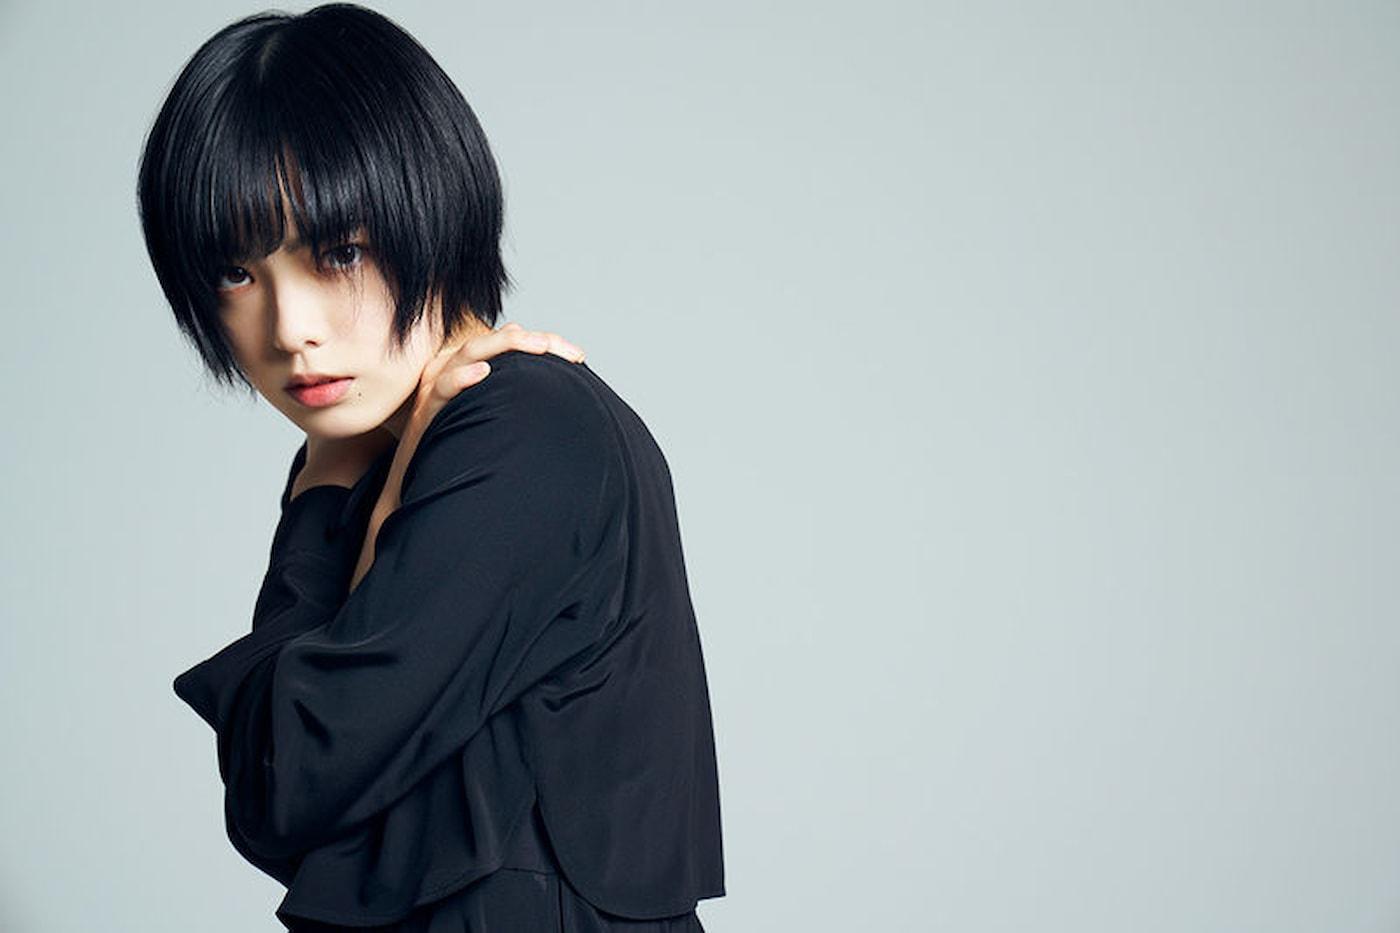 平手友梨奈、というアイドルがいた~なぜ私たちは彼女のパフォーマンスに惹かれるのか